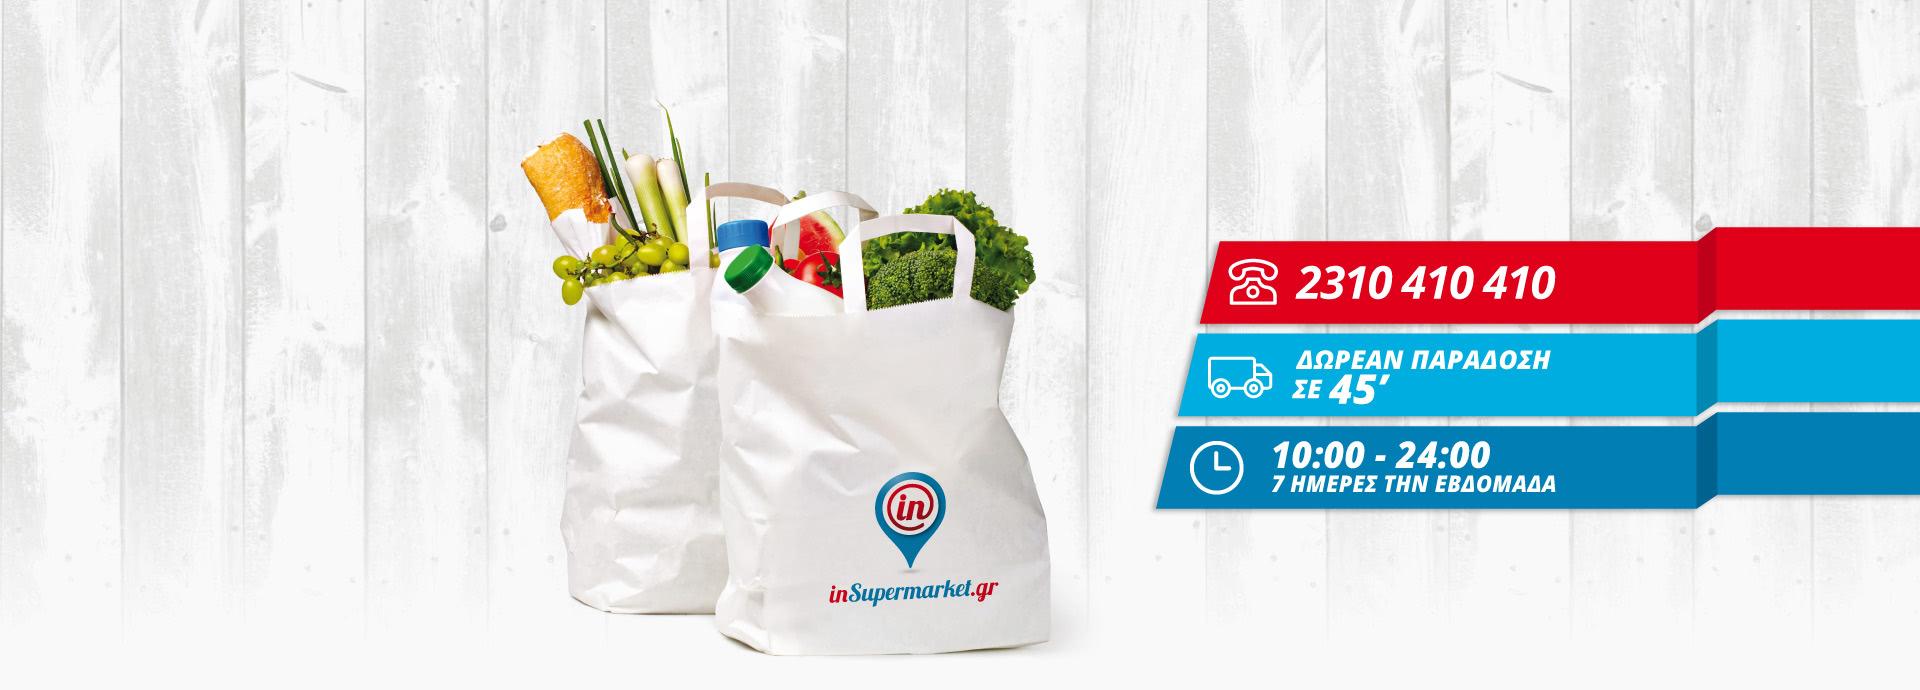 αγορές super market θεσσαλονικη